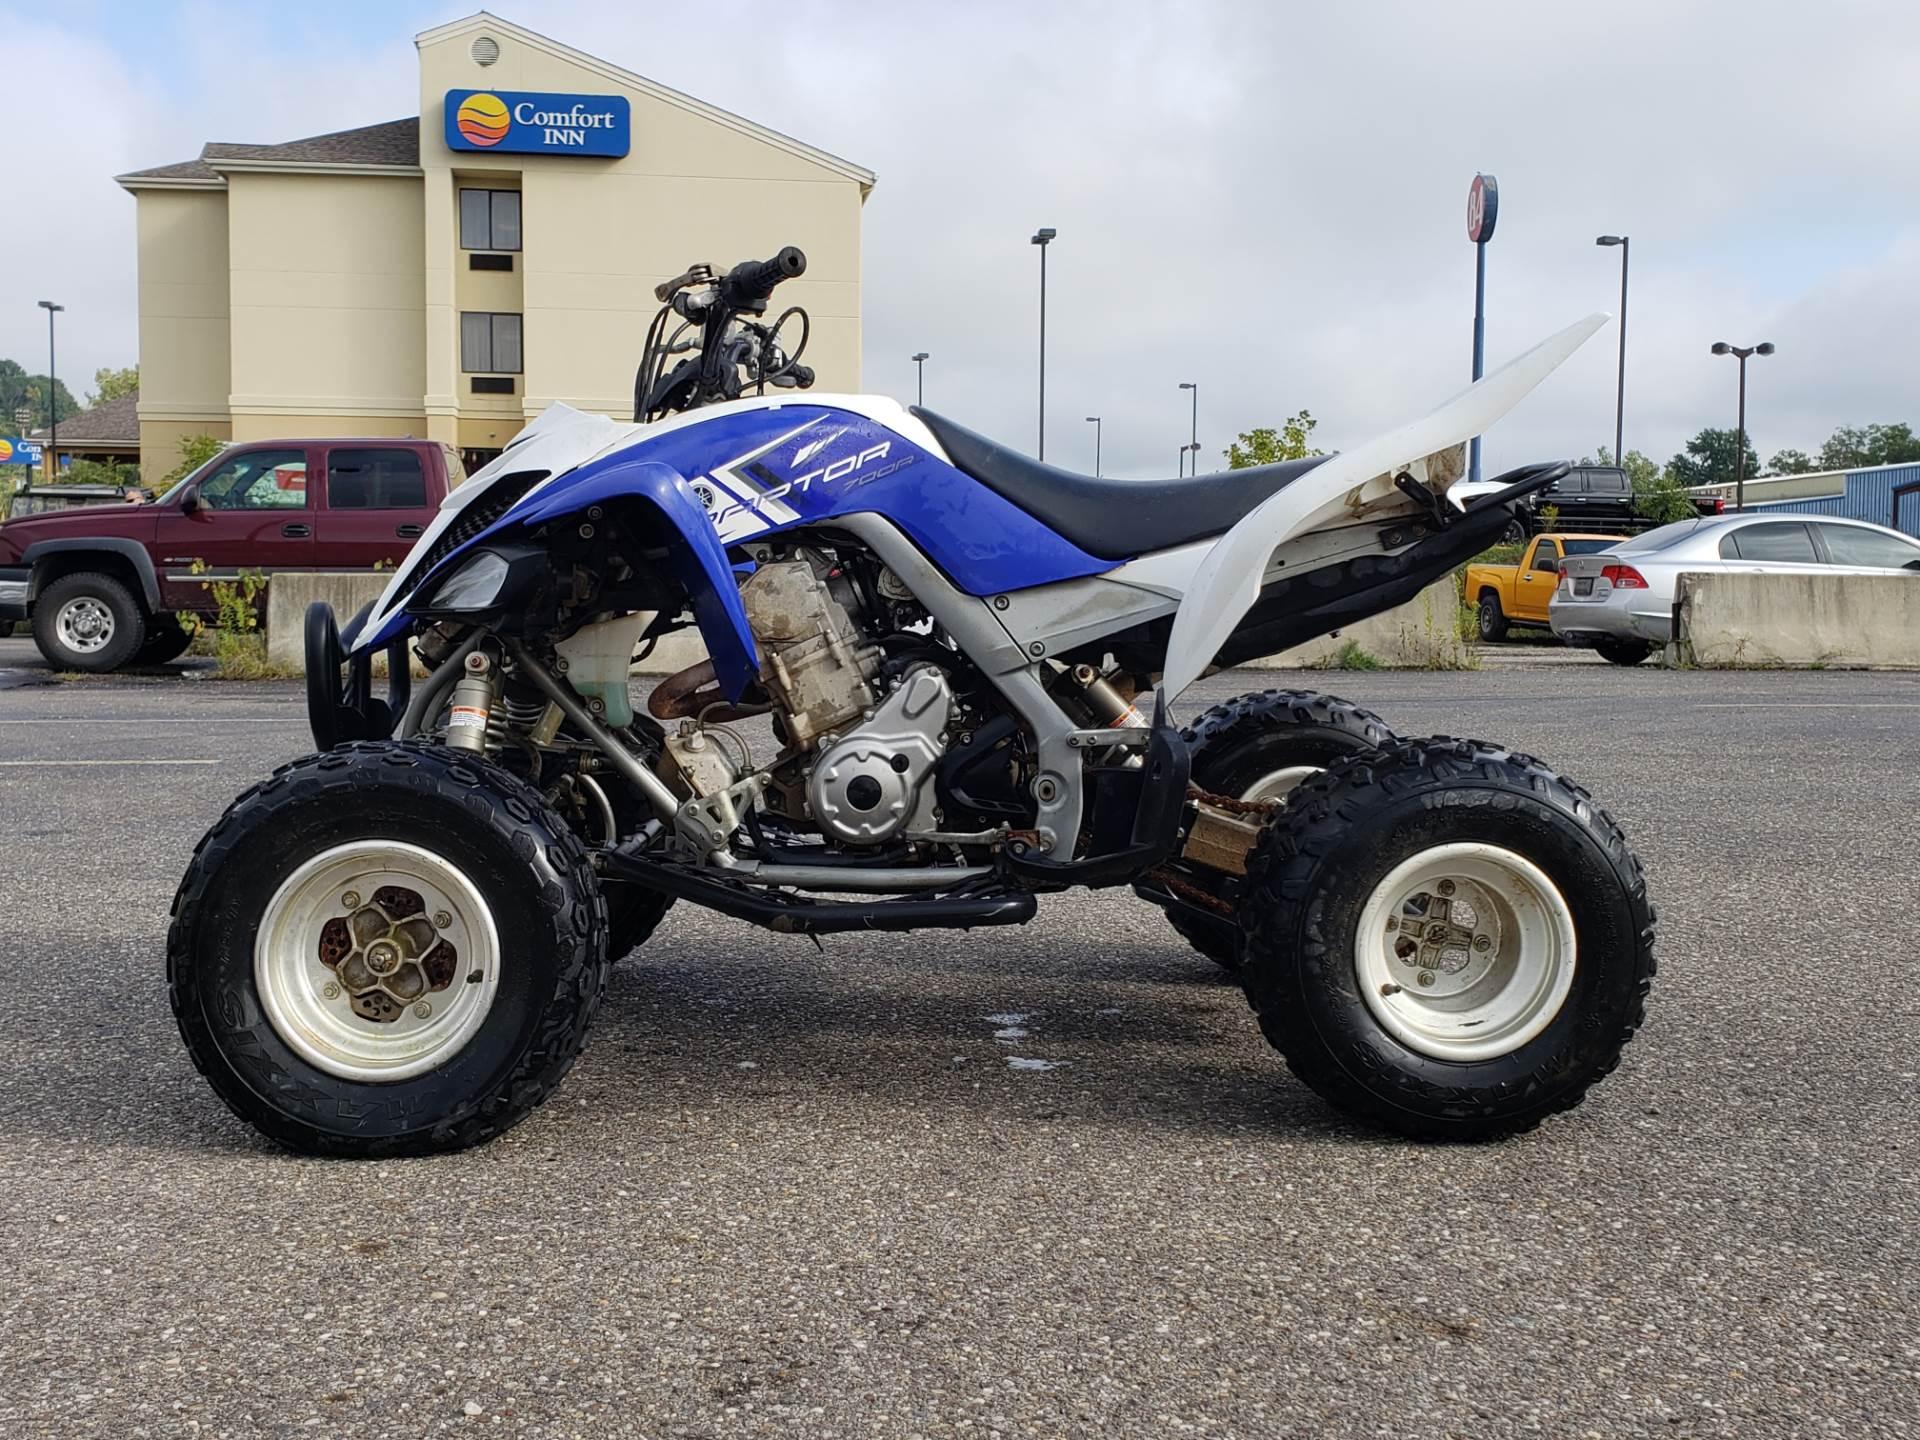 2013 Yamaha Raptor 700R for sale 53190